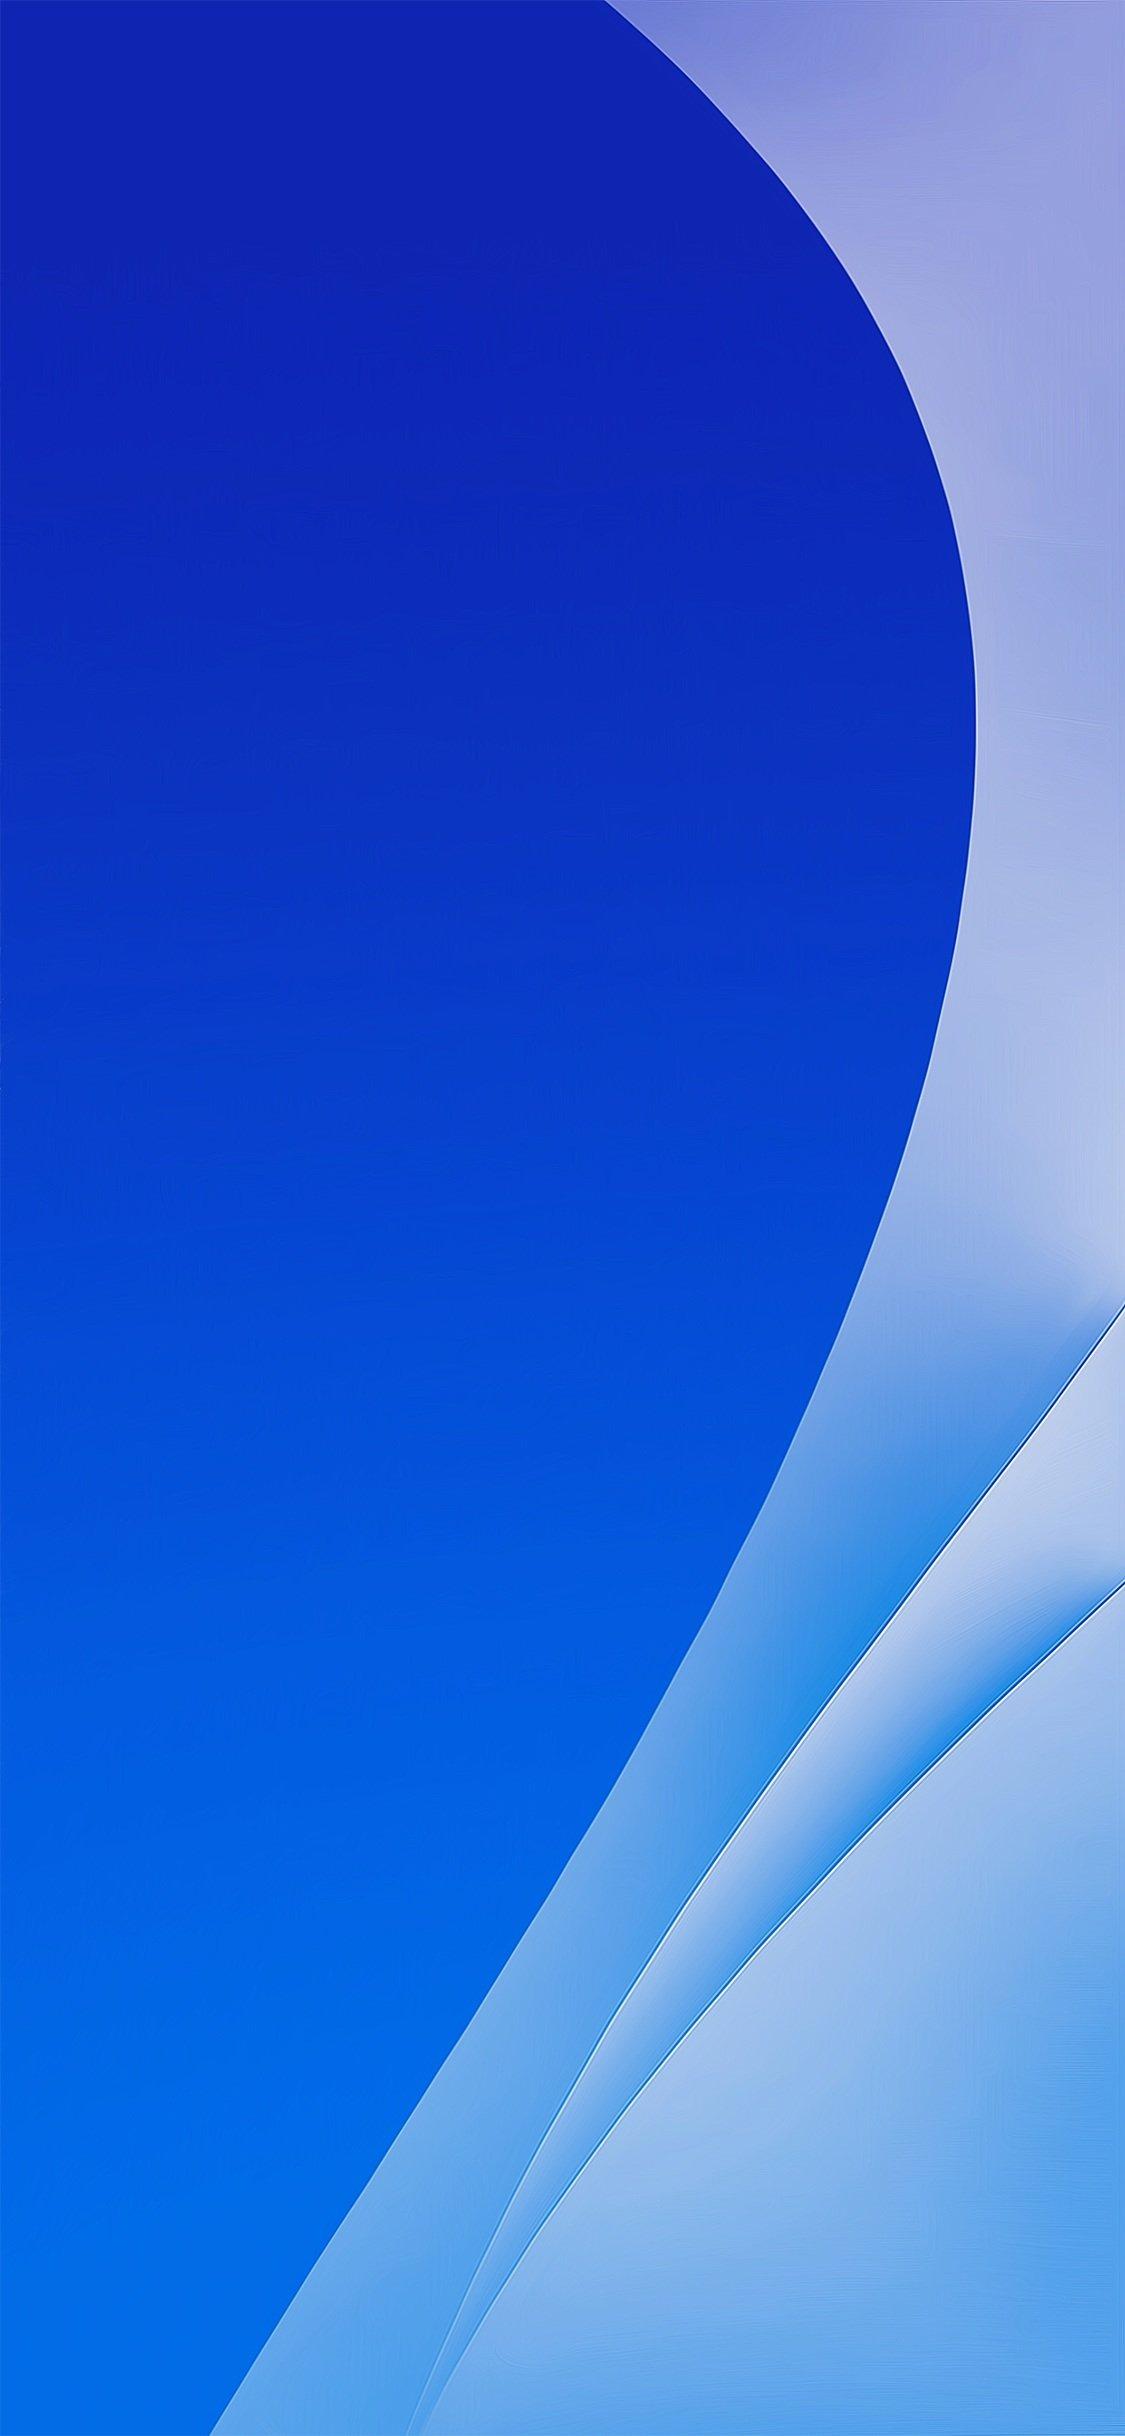 افضل أجمل الخلفيات الايفون الملونة Full Hd لهواتف Xs Xs Max Xr